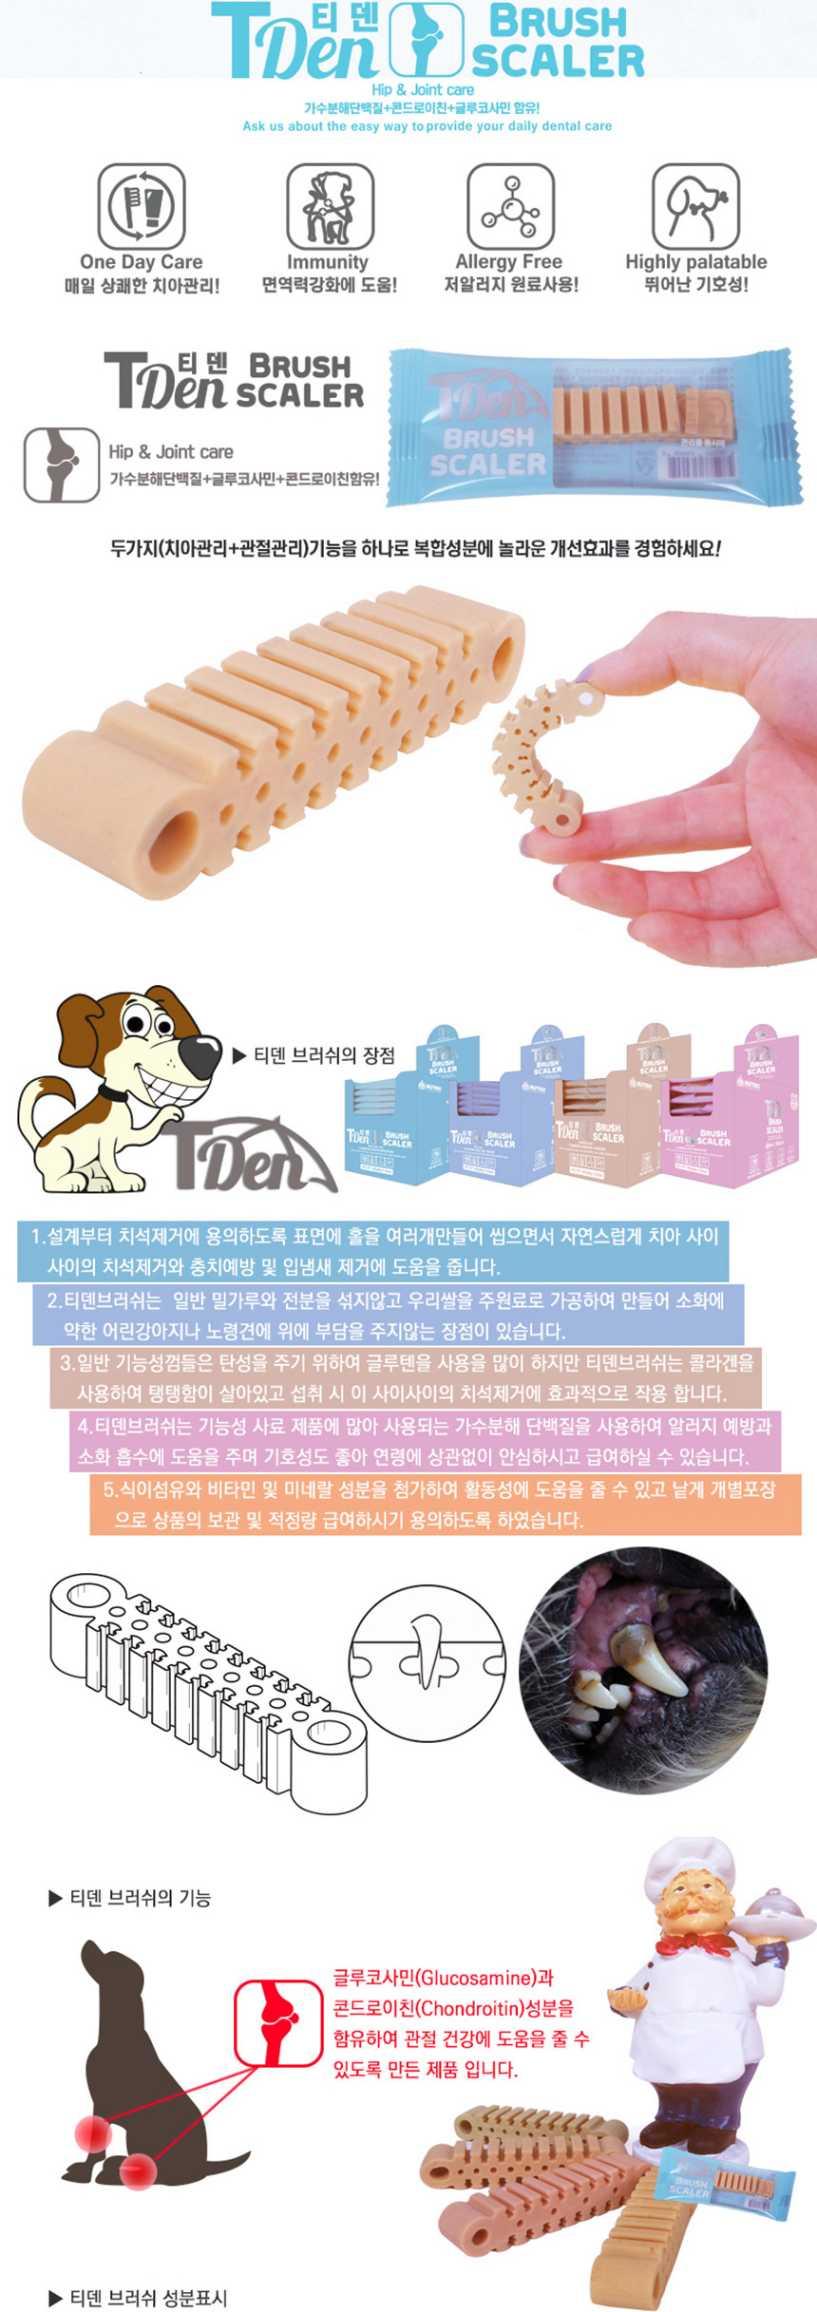 뉴트리오 티덴 브러쉬 8g(관절)480원-바니펫펫샵, 강아지용품, 간식/영양제, 껌바보사랑뉴트리오 티덴 브러쉬 8g(관절)480원-바니펫펫샵, 강아지용품, 간식/영양제, 껌바보사랑